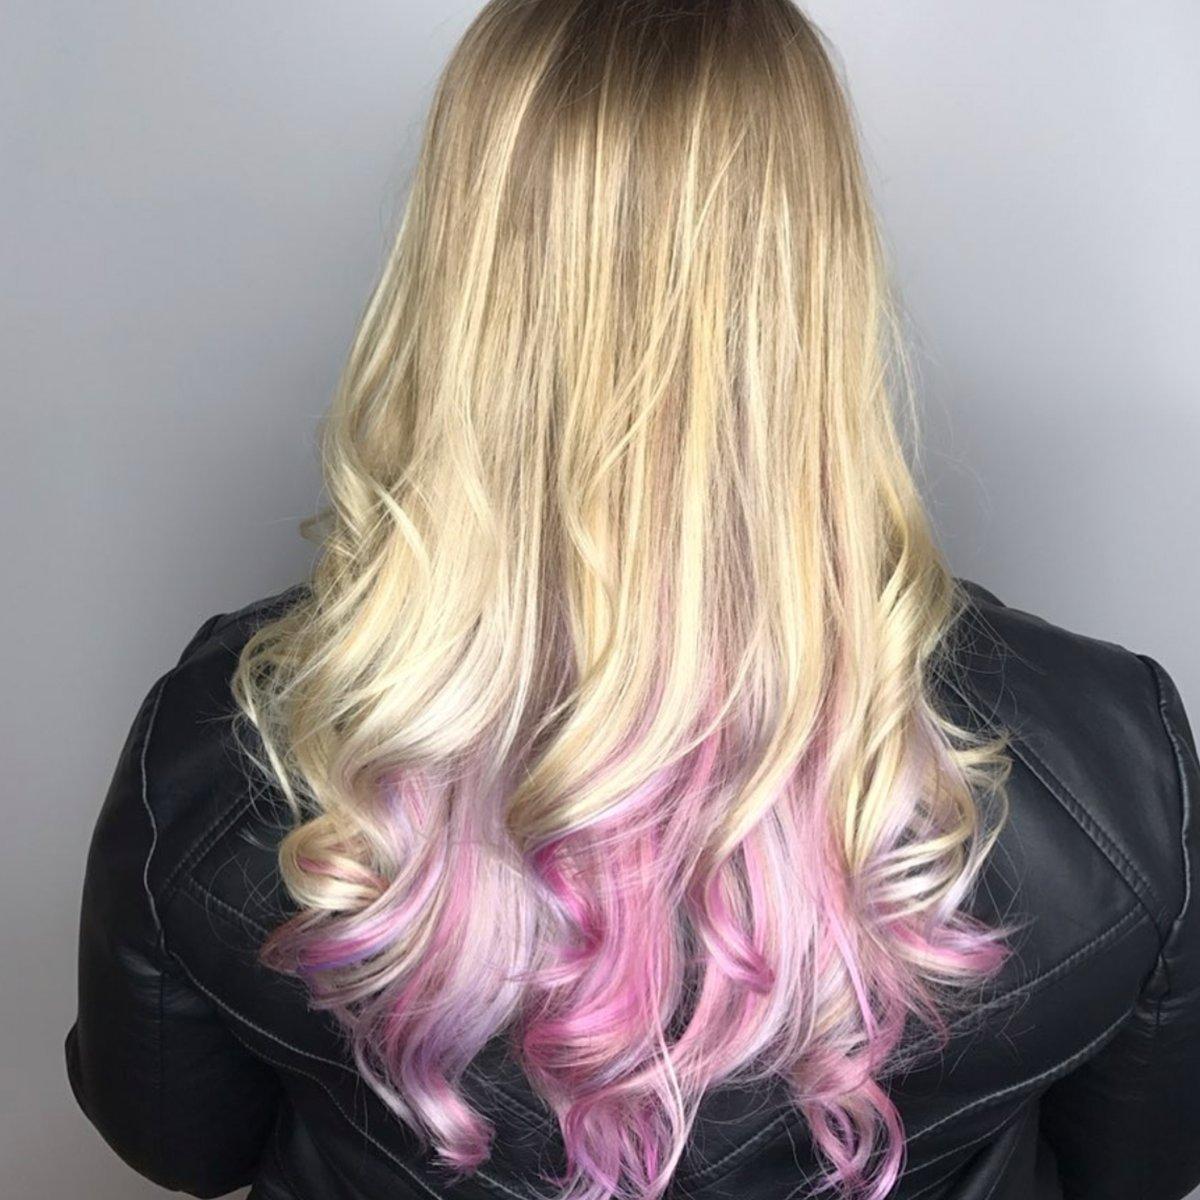 Hair by Tiffany : https://bit.ly/tiffany-pumpsalon…  Pop of color . #pumpsalon #cincinnatihair #bumbleandbumble #wella #americansalon #cincinnatistylist #modernsalon #behindthechair #pulpriotpic.twitter.com/7ZfD2Jiw9C